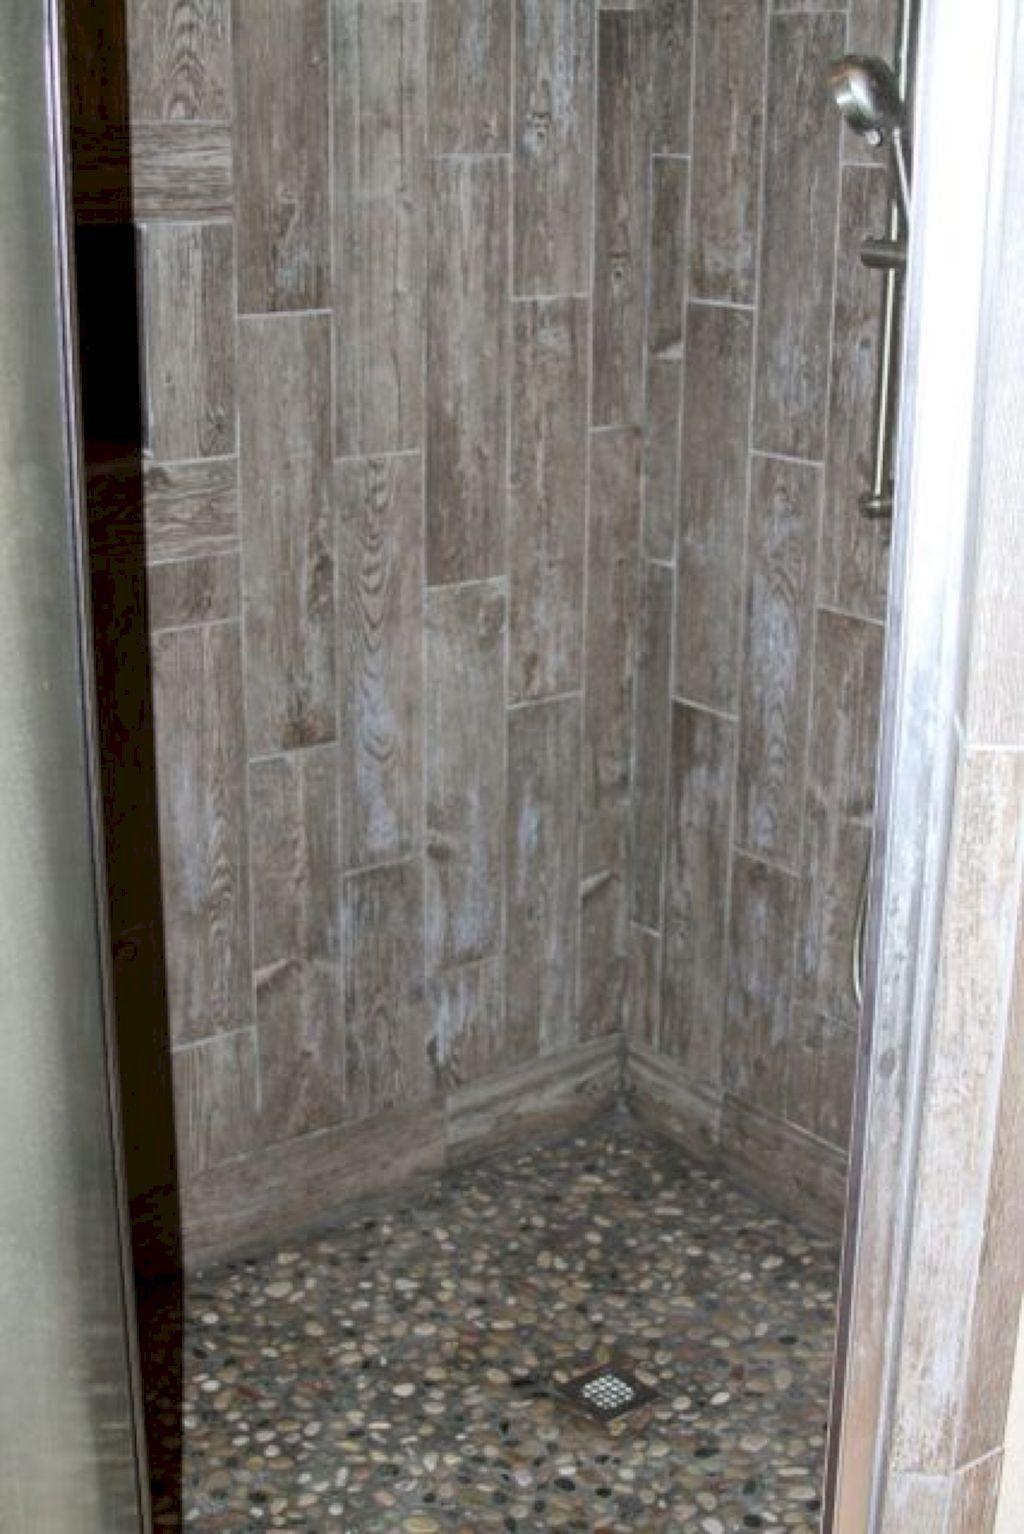 Awesome 120 Gorgeous Bathroom Tiles Design Ideas Https Homeideas Co 8927 120 Gorgeous Bathroom Til Wood Tile Shower Wood Tile Bathroom Gorgeous Bathroom Tile